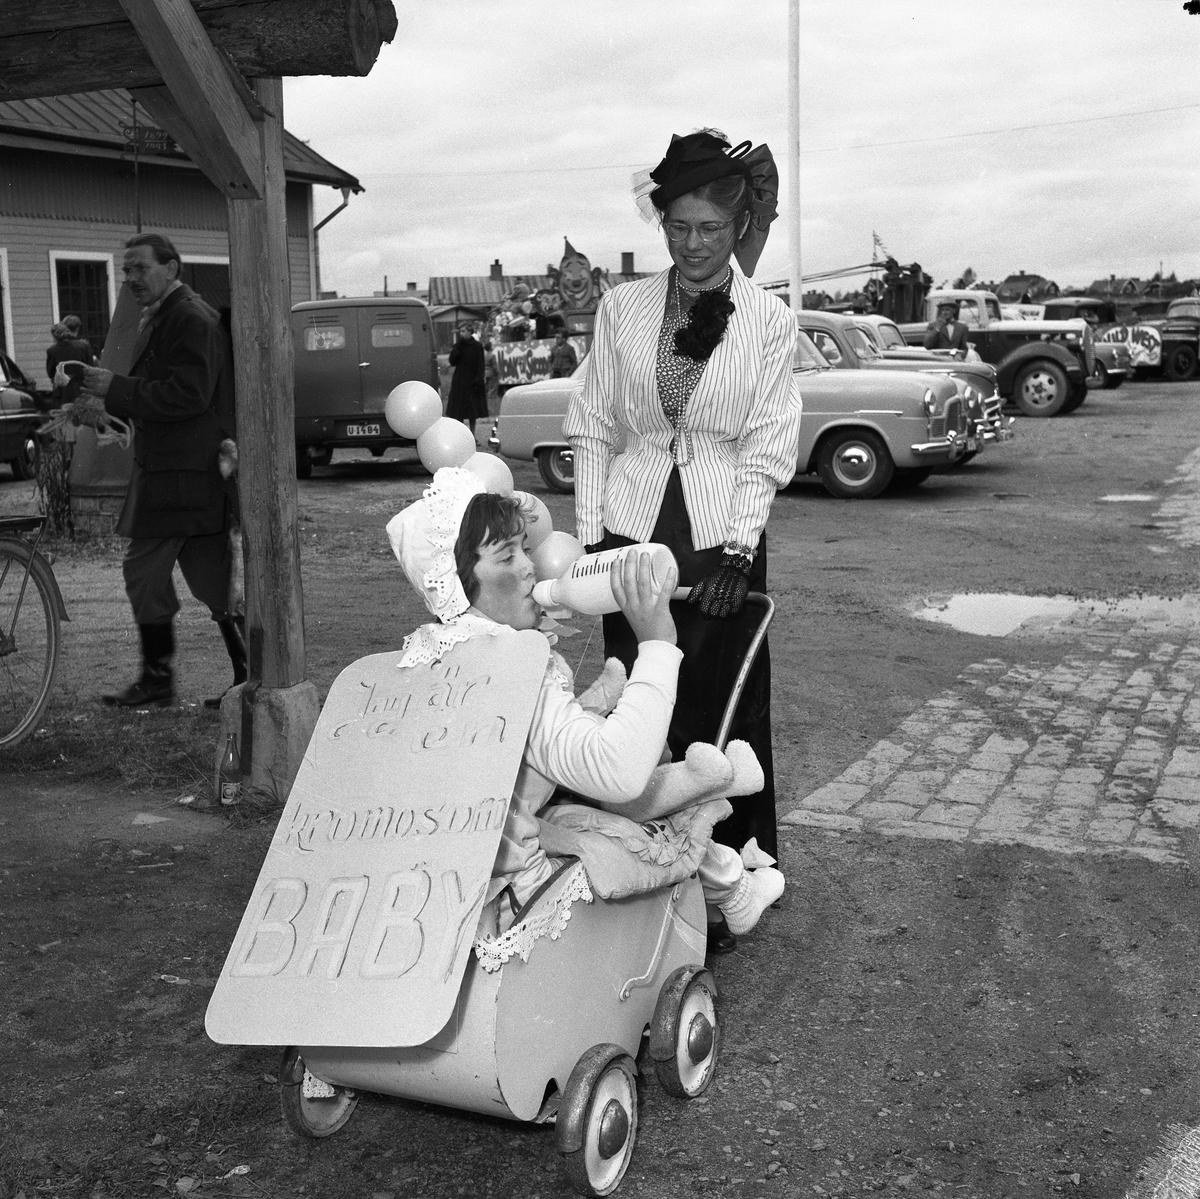 Barnens Dag firas. Här en mamma med en ovantligt stor baby i vagnen. Bakom dem skymtar diverse personbilar på parkeringen.